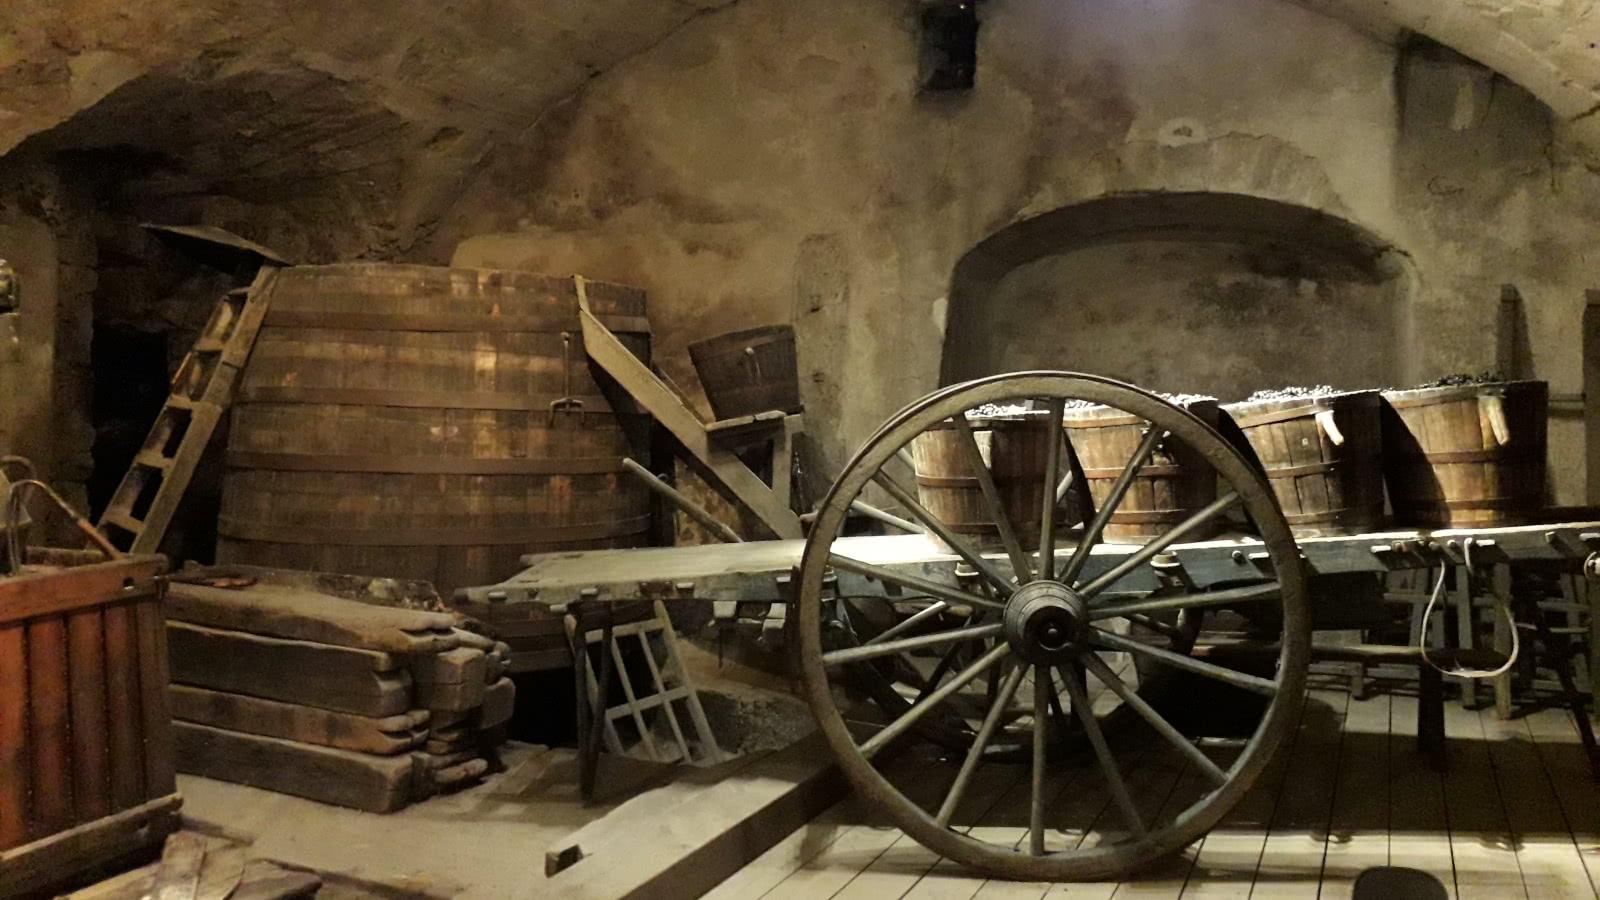 Musée de la vigne et du vin de Basse-Auvergne